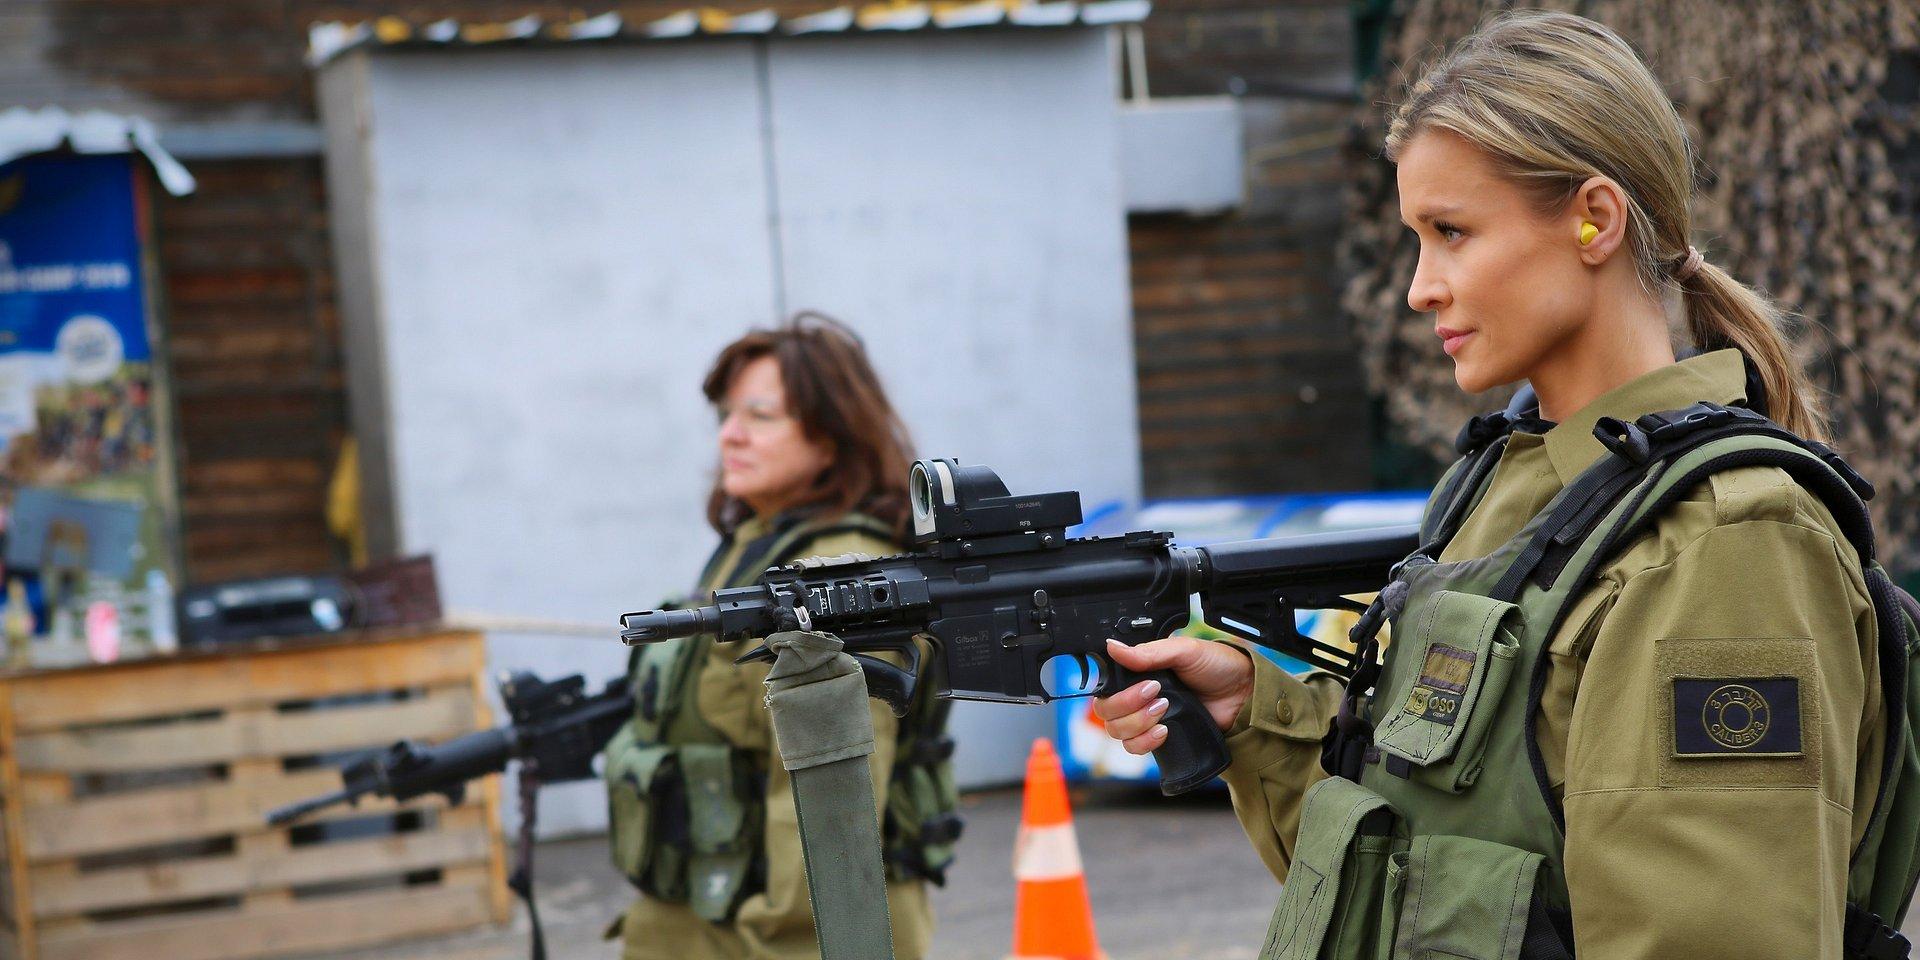 Starsza pani musi fiknąć: Joanna Krupa z mamą w izraelskiej armii!